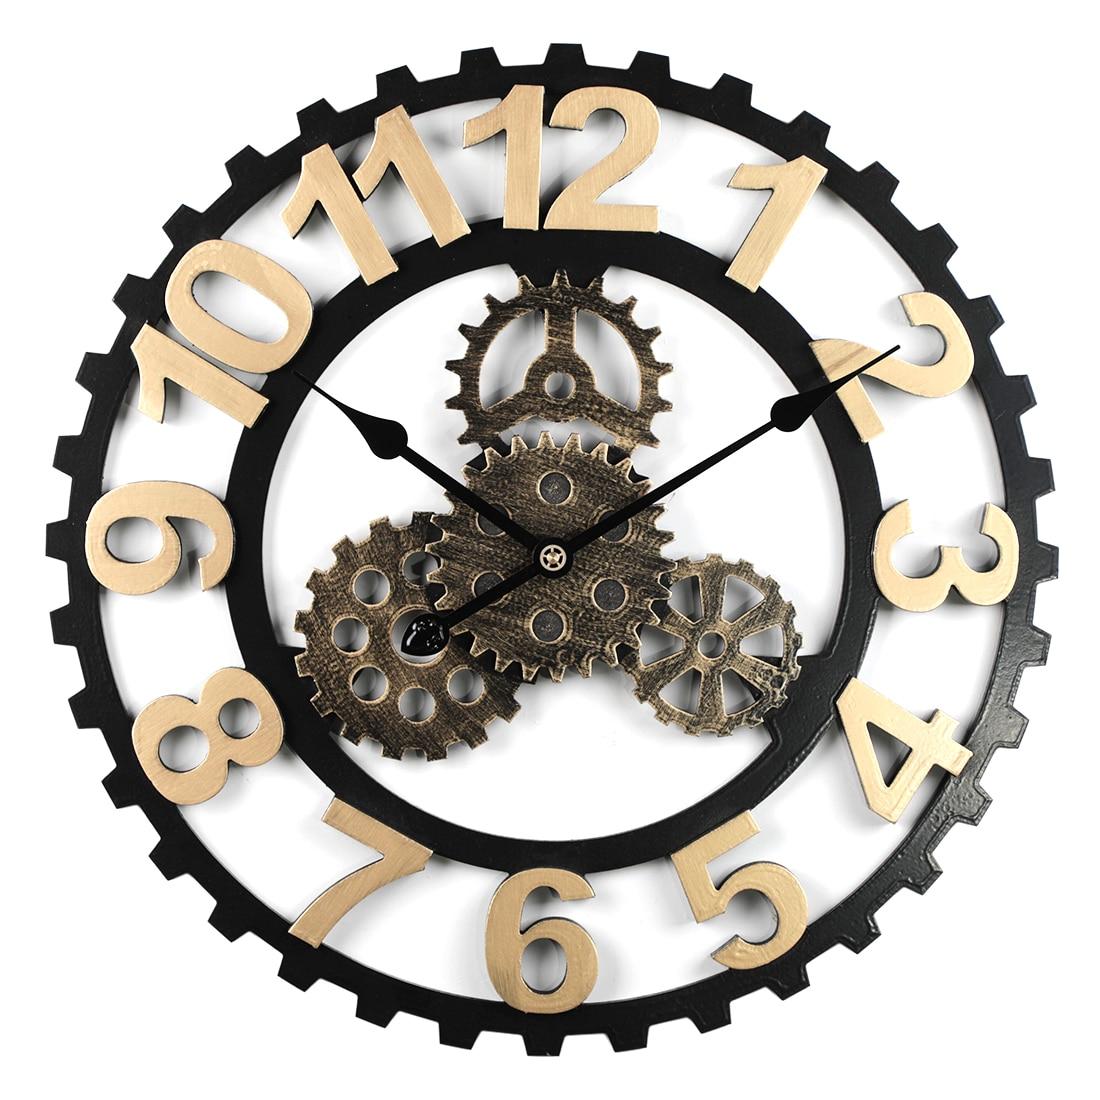 Gran oferta, reloj de pared silencioso con números de engranaje Retro de 40/50 cm, diseño moderno para la decoración de la sala de estar del hogar, dorado y plateado